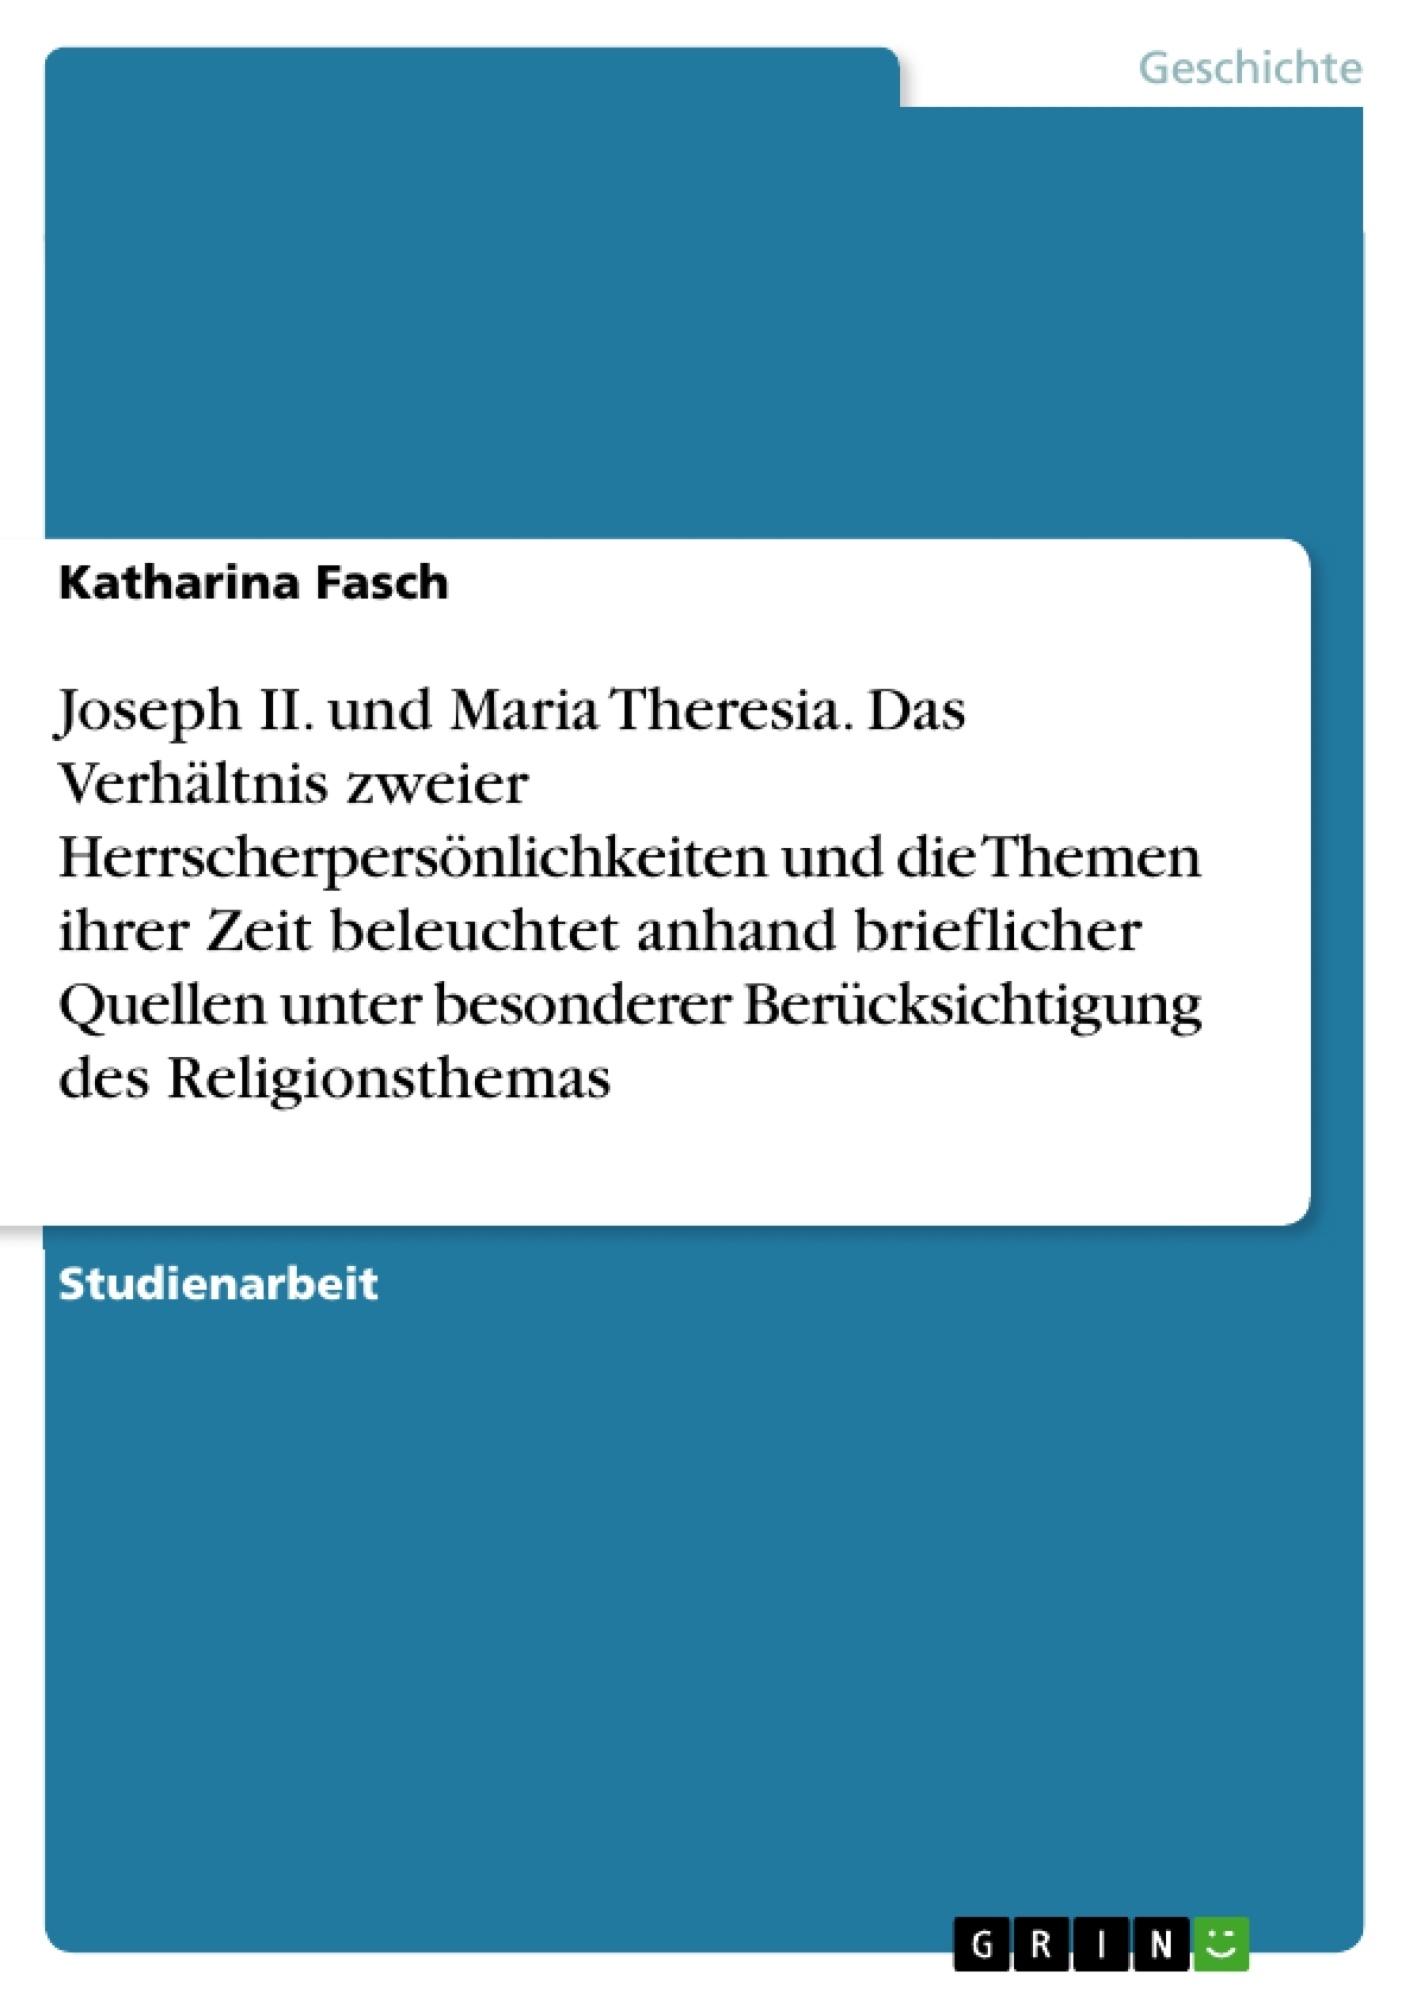 Titel: Joseph II. und Maria Theresia. Das Verhältnis zweier Herrscherpersönlichkeiten und die Themen ihrer Zeit beleuchtet anhand brieflicher Quellen unter besonderer Berücksichtigung des Religionsthemas